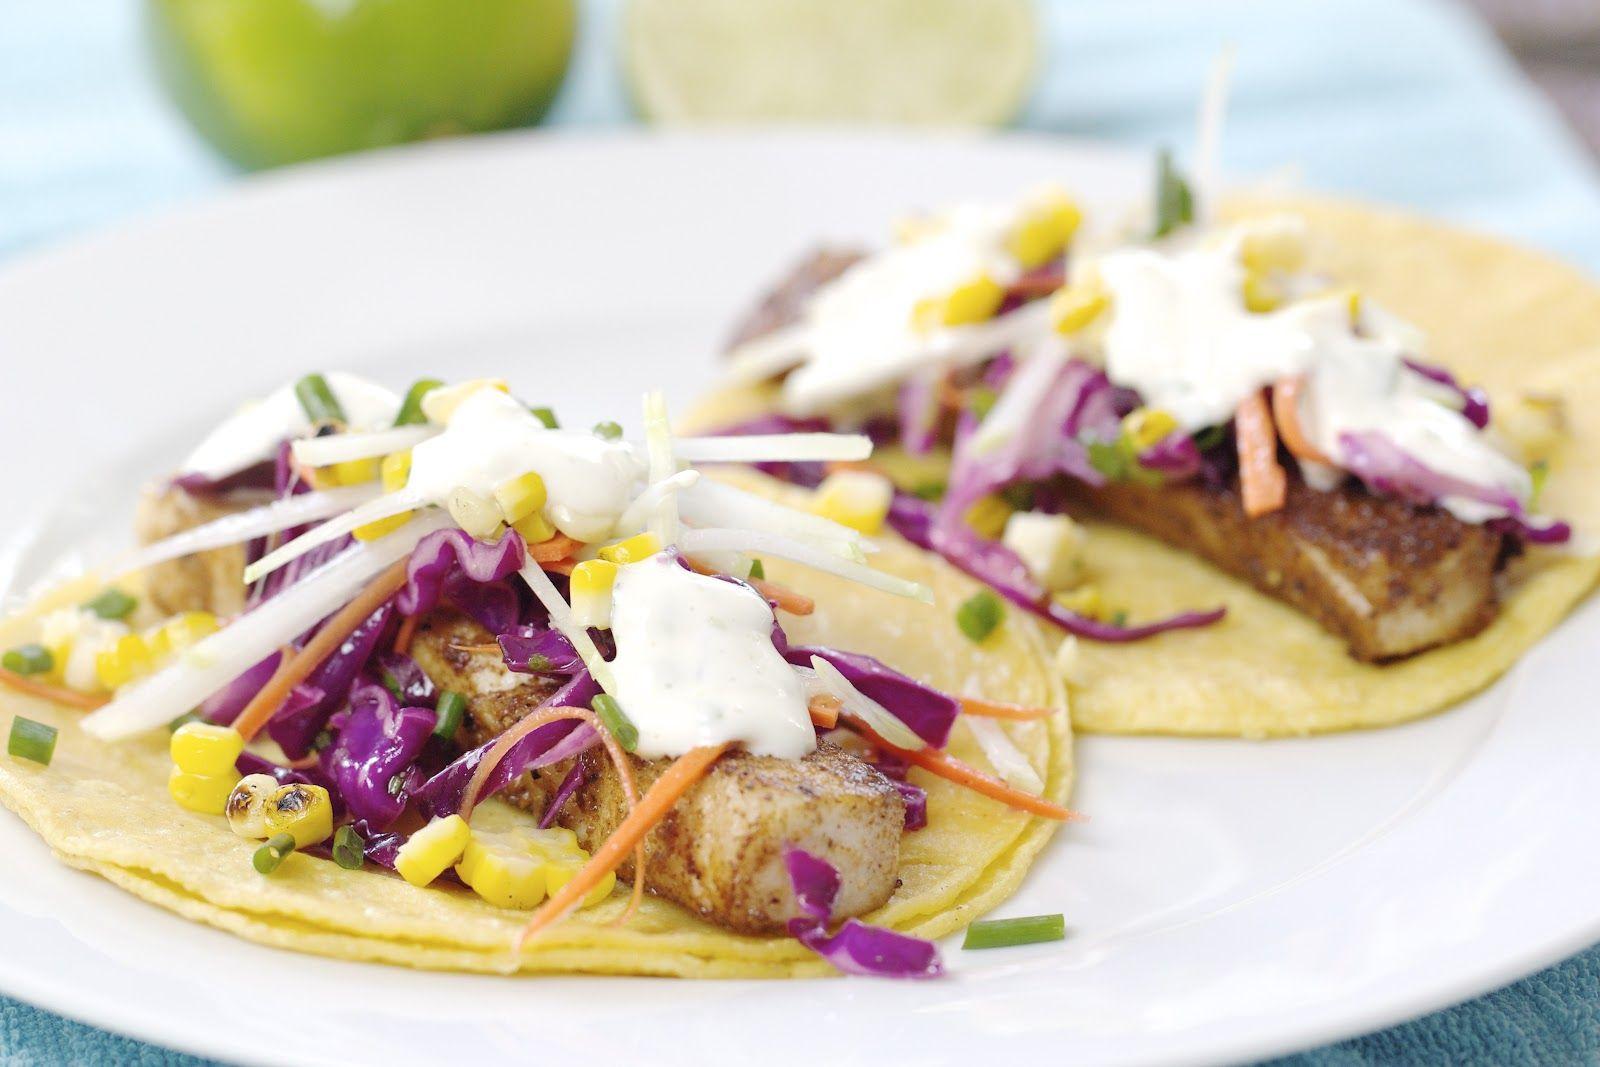 mahi mahi tacos  mahi mahi tacos food mahi mahi fish tacos